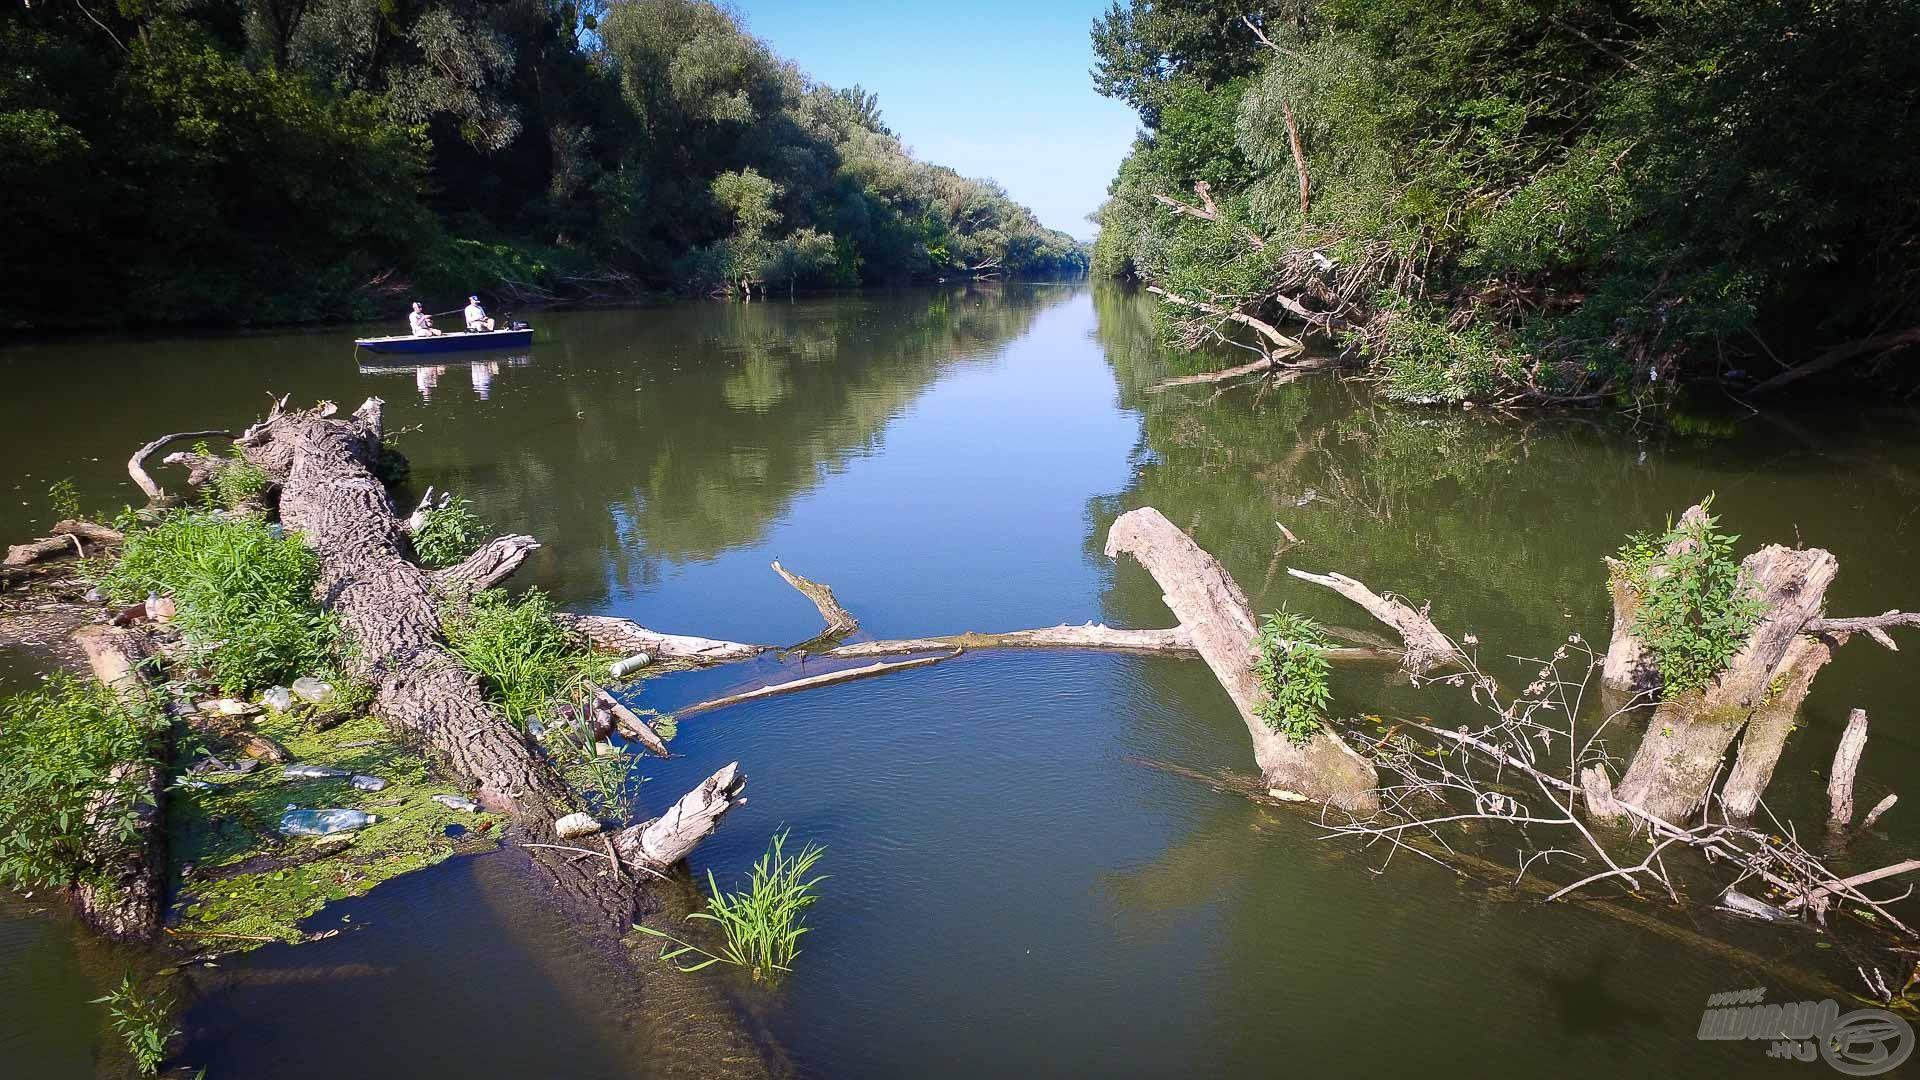 Rengeteg természetes akadót találtunk a folyón, és bíztunk benne, hogy rejtenek ragadozókat is